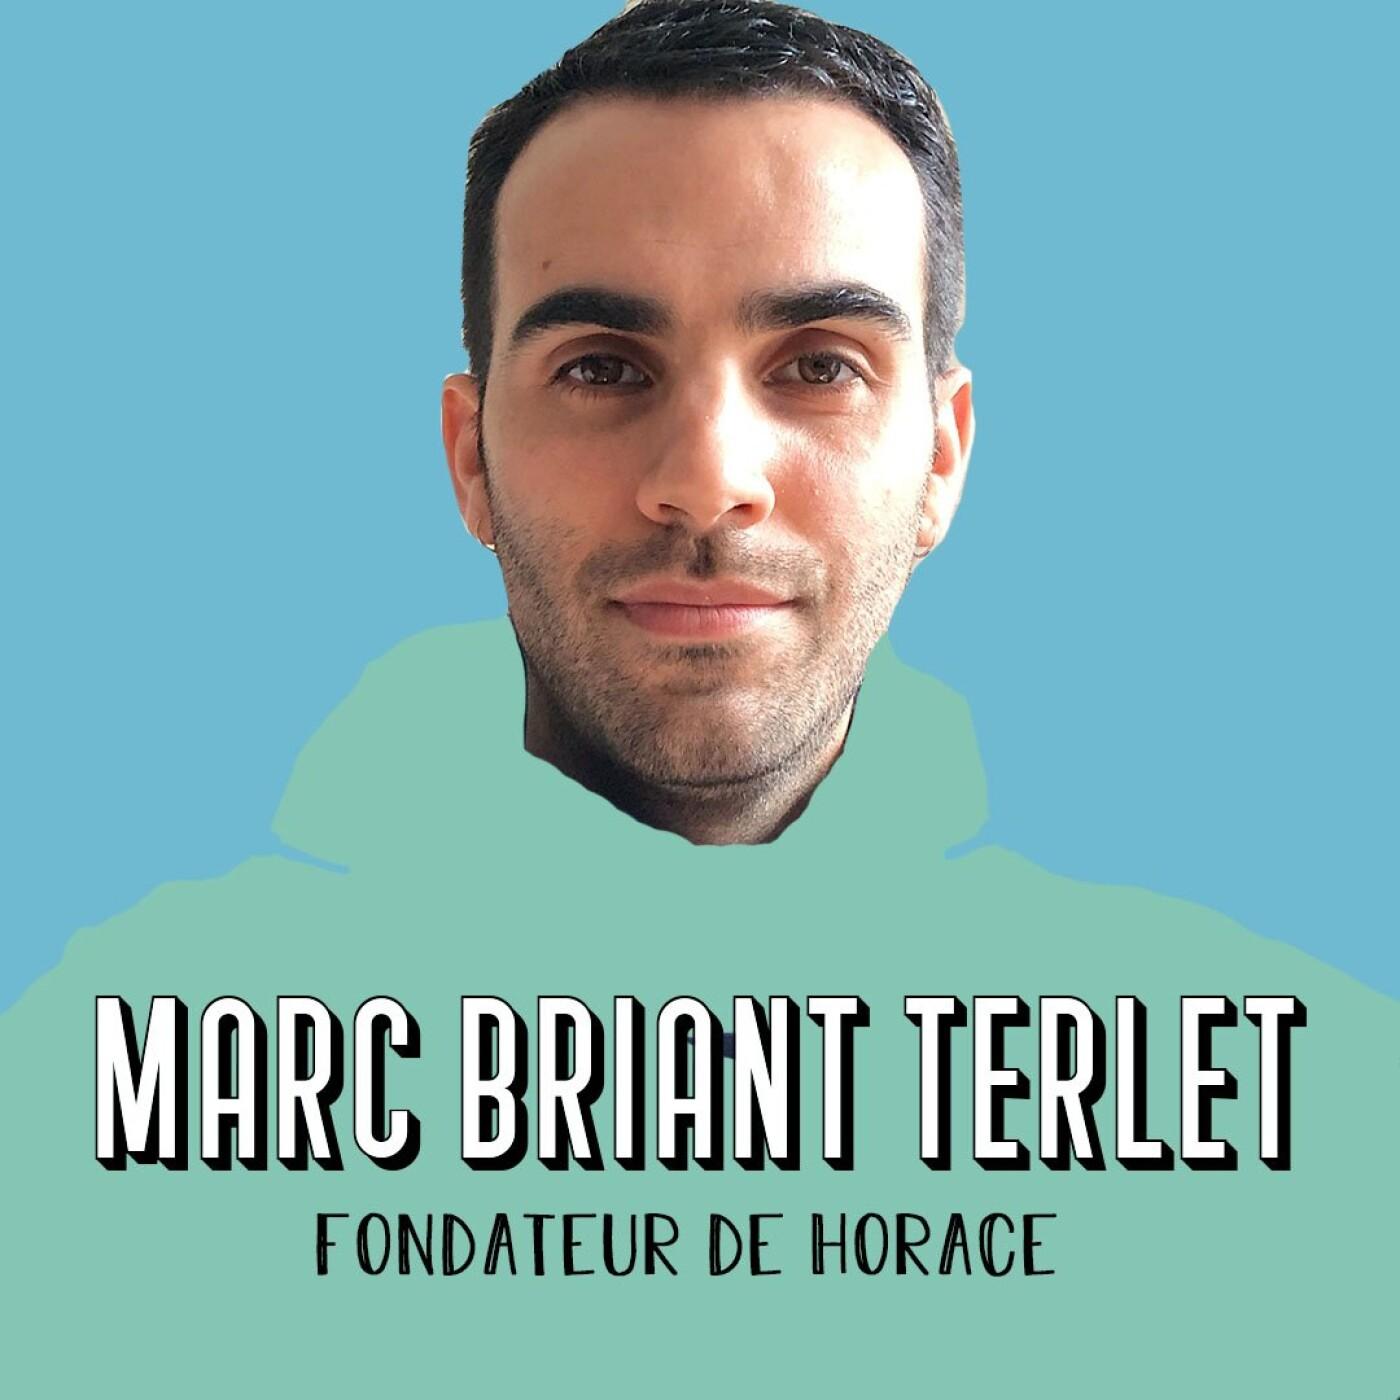 Marc Briant-Terlet, fondateur d'Horace - Accepter que l'on va faire des conneries